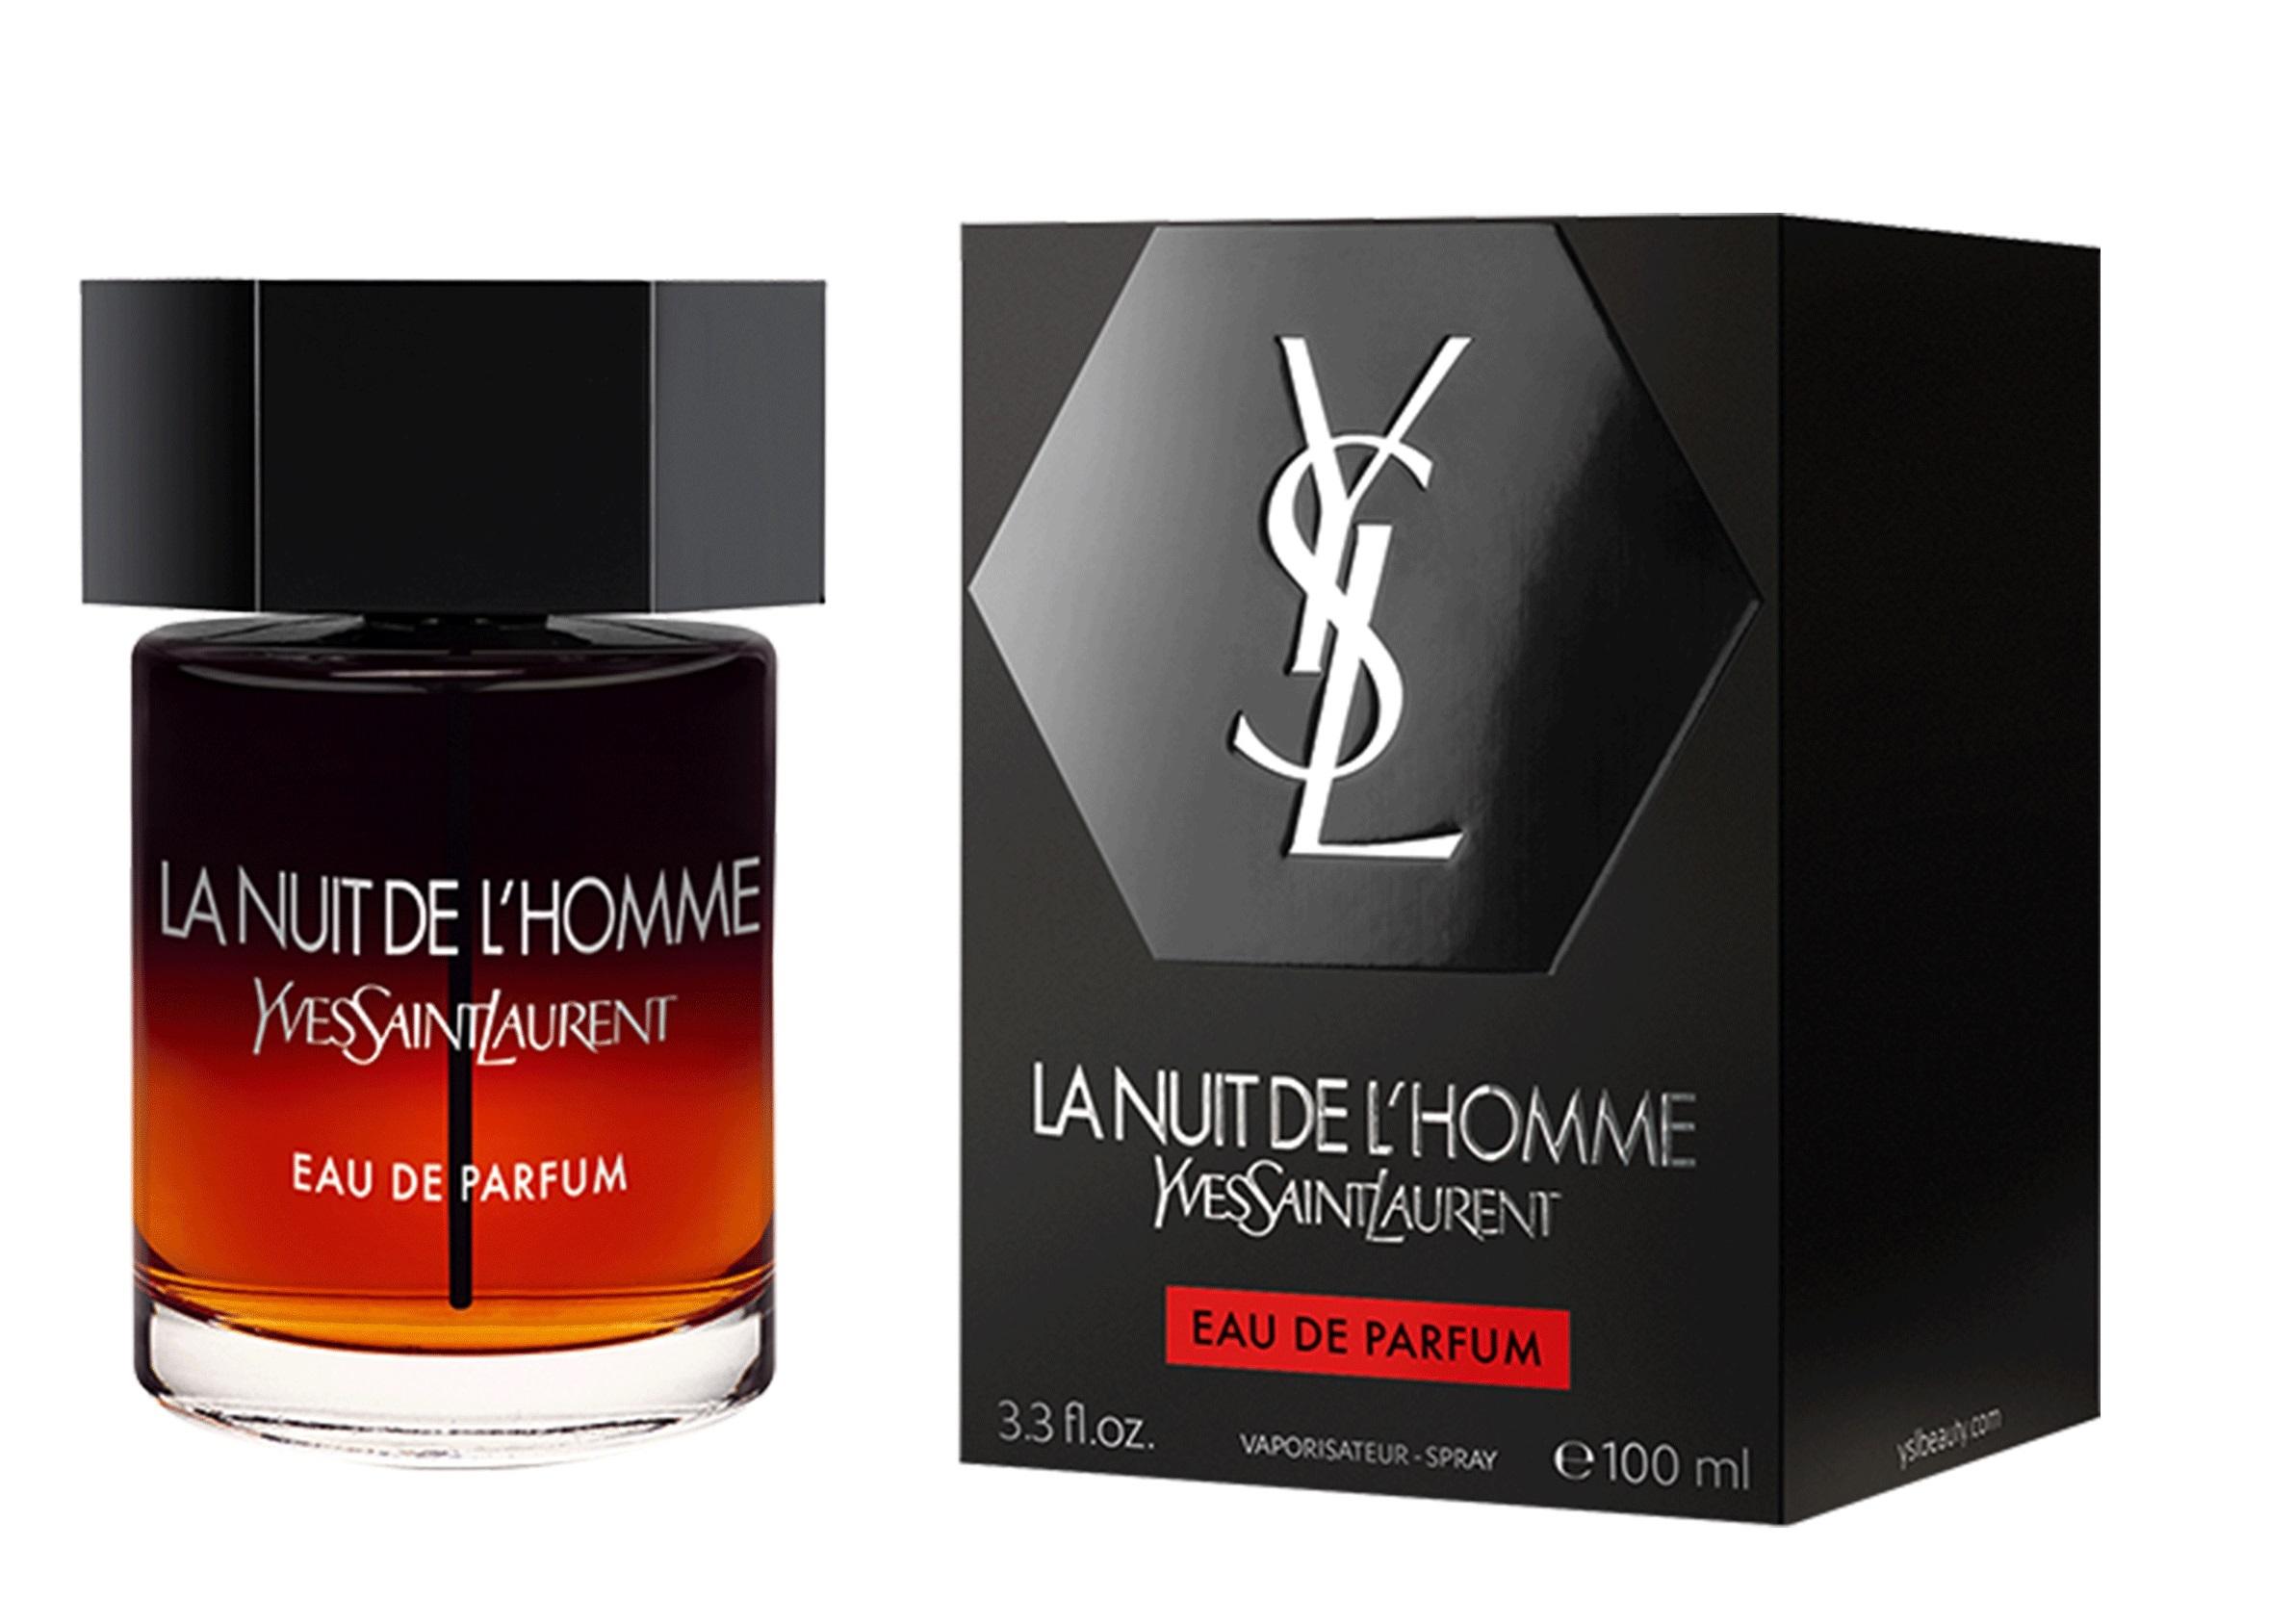 9602322c085 Yves Saint Laurent La Nuit de L'Homme Eau de Parfum ~ New Fragrances